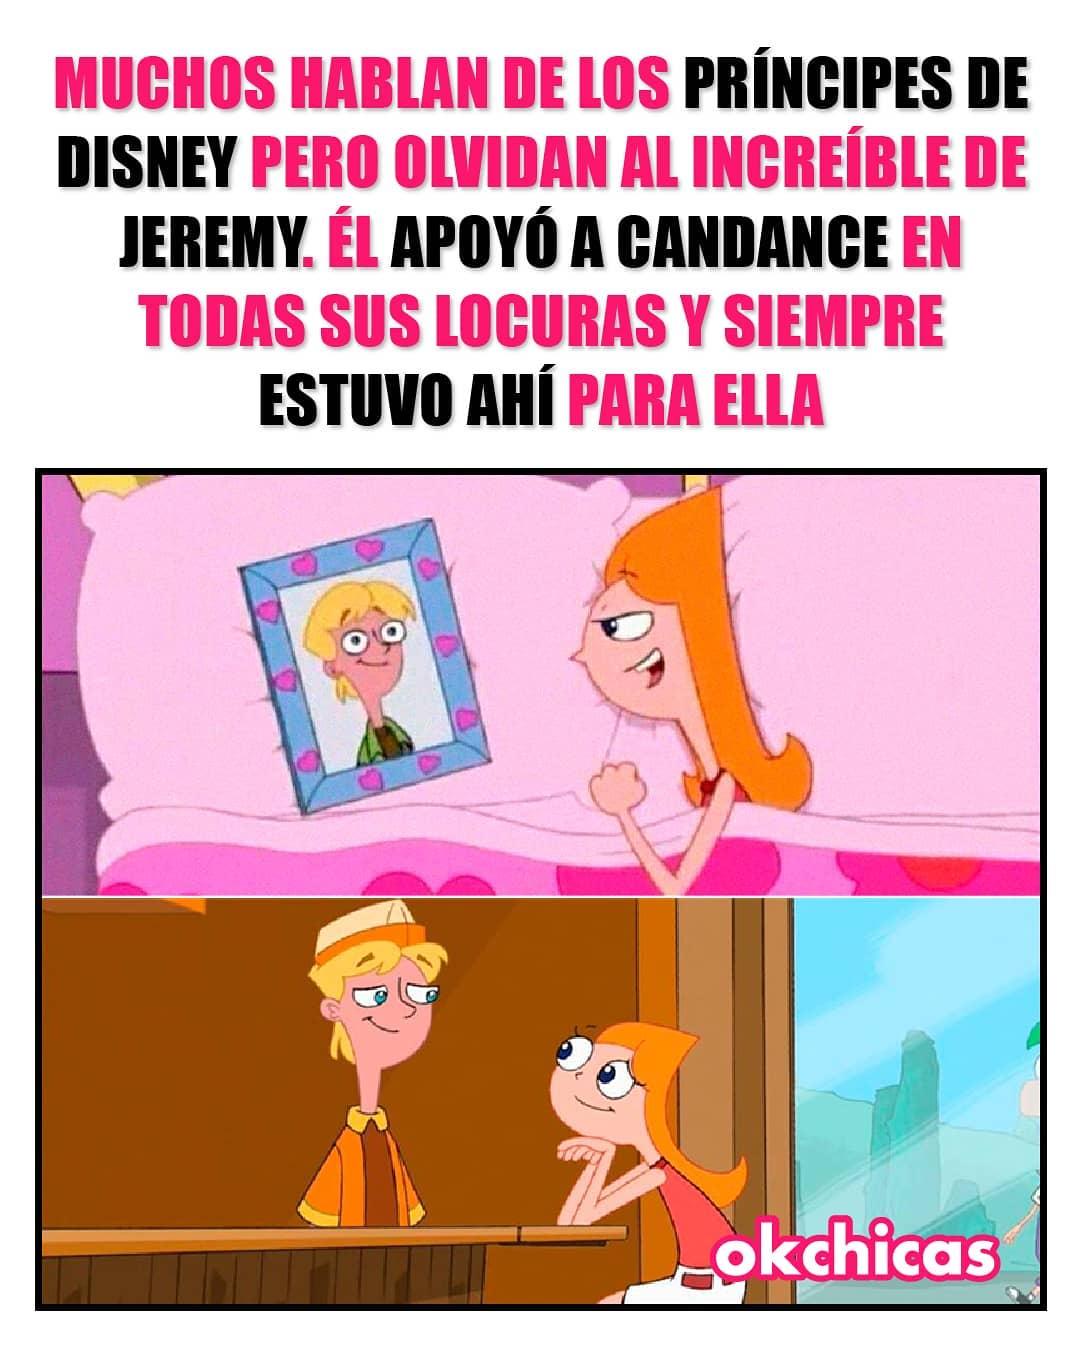 Muchos hablan de los príncipes de Disney pero olvidan al increíble de Jeremy. Él apoyó a Candance en todas sus locuras y siempre estuvo ahí para ella.